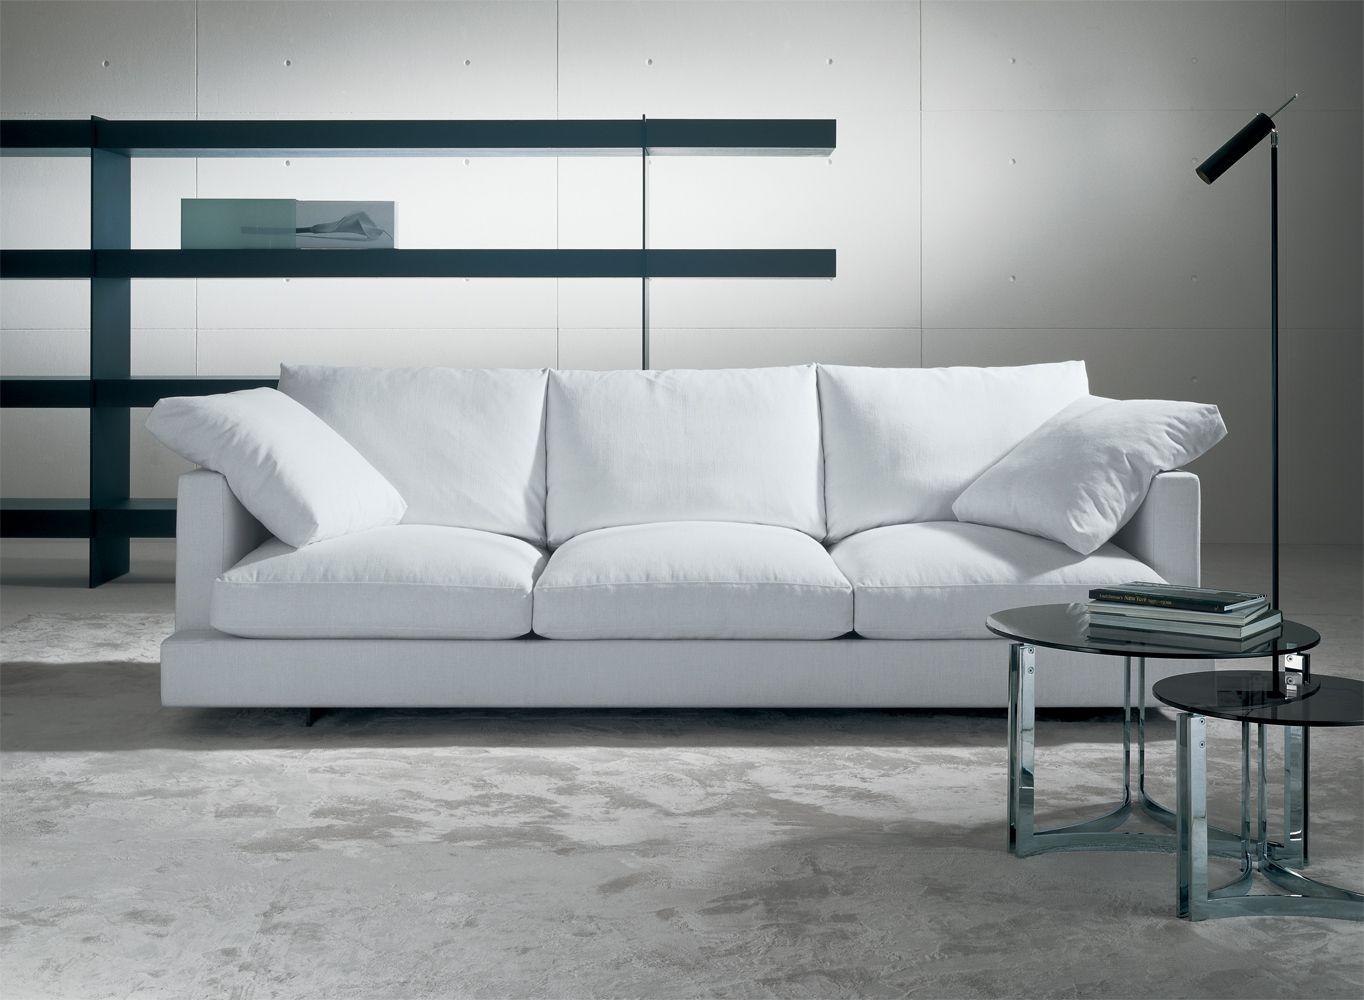 Sof s vintage de casades s dise o atemporal de david casades s sistema de asientos combinable - Muebles de jardin en barcelona ...